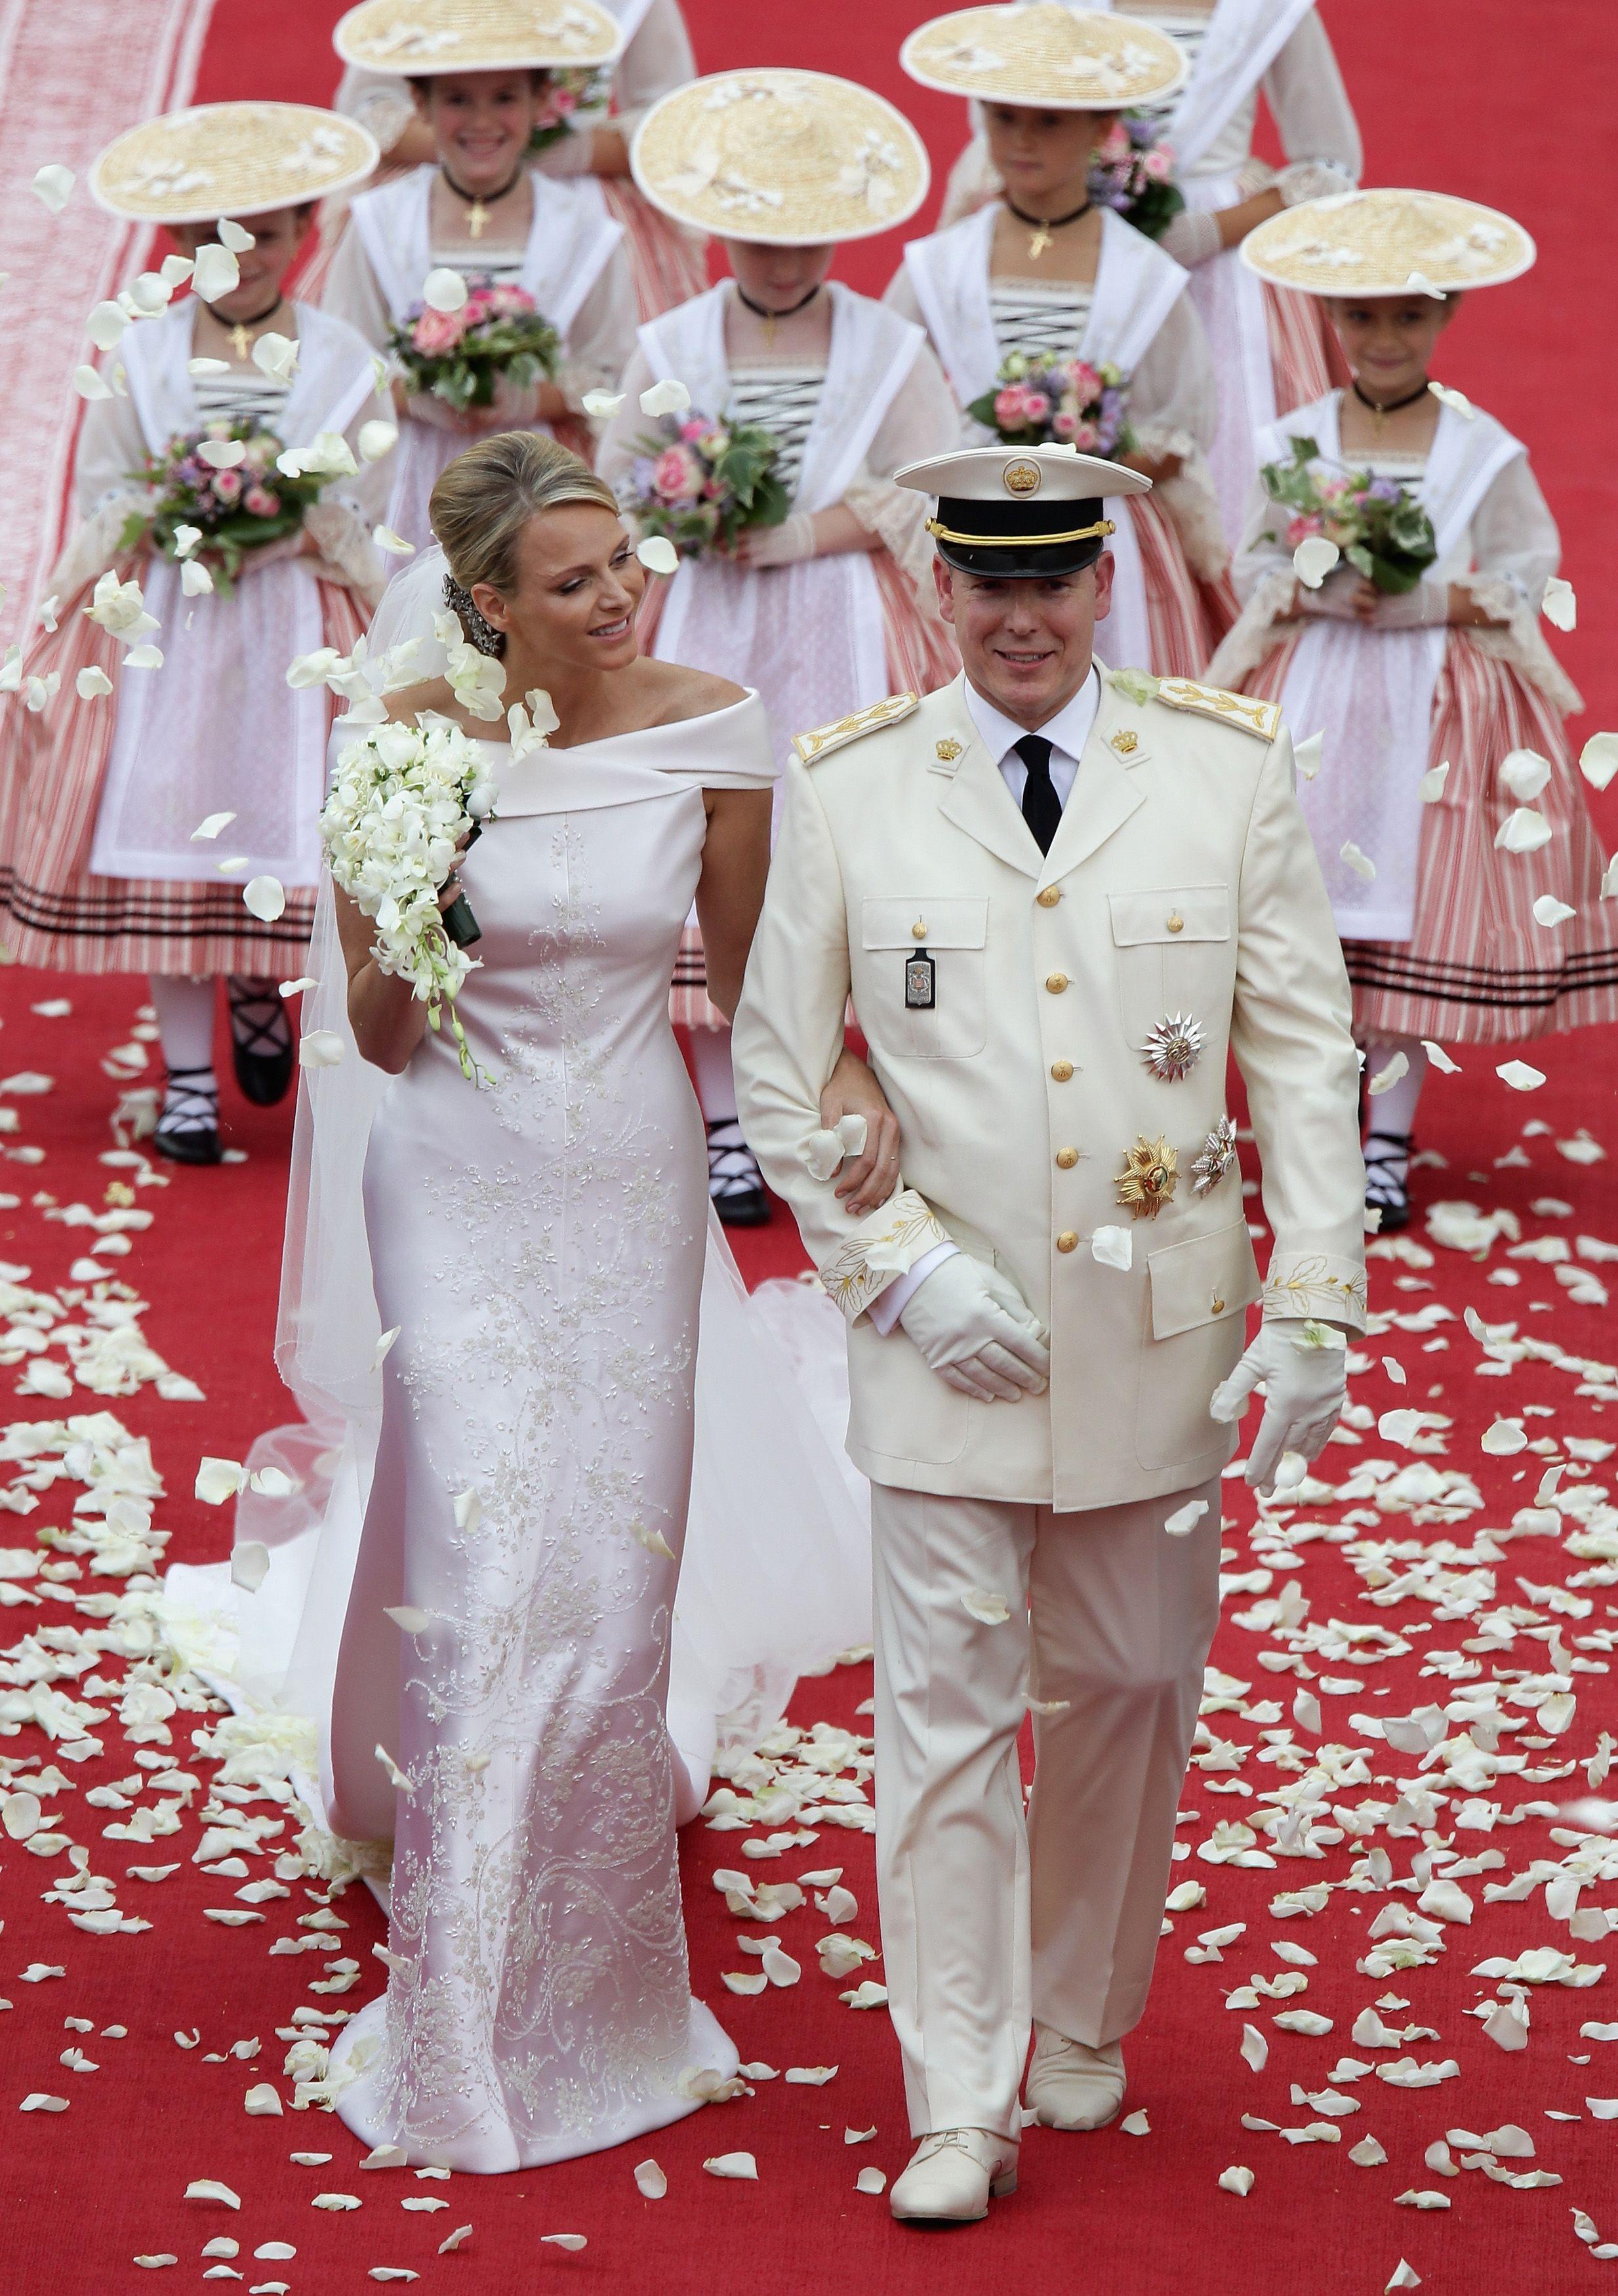 400 тис. кристалів Swarovski прикрашалли сукню принцеси Монако на її весіллі  із князем Альбертом ІІ. Дизайном розкішної атласної сукні особисто займався  ... b79d9e1664184